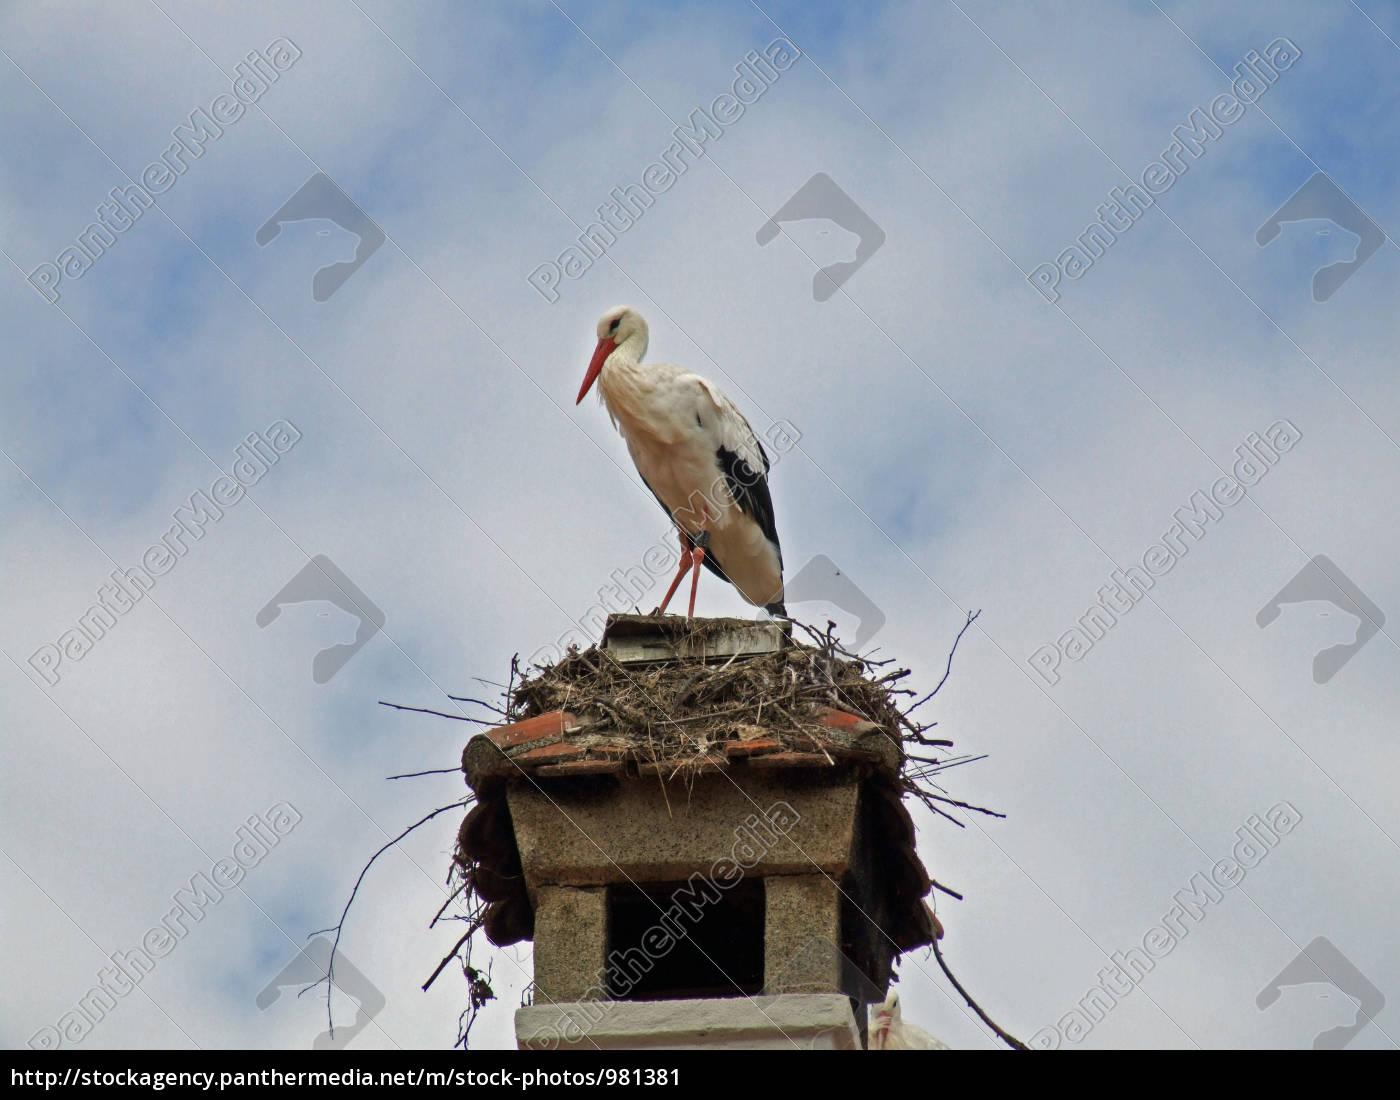 auf, dem, nest - 981381